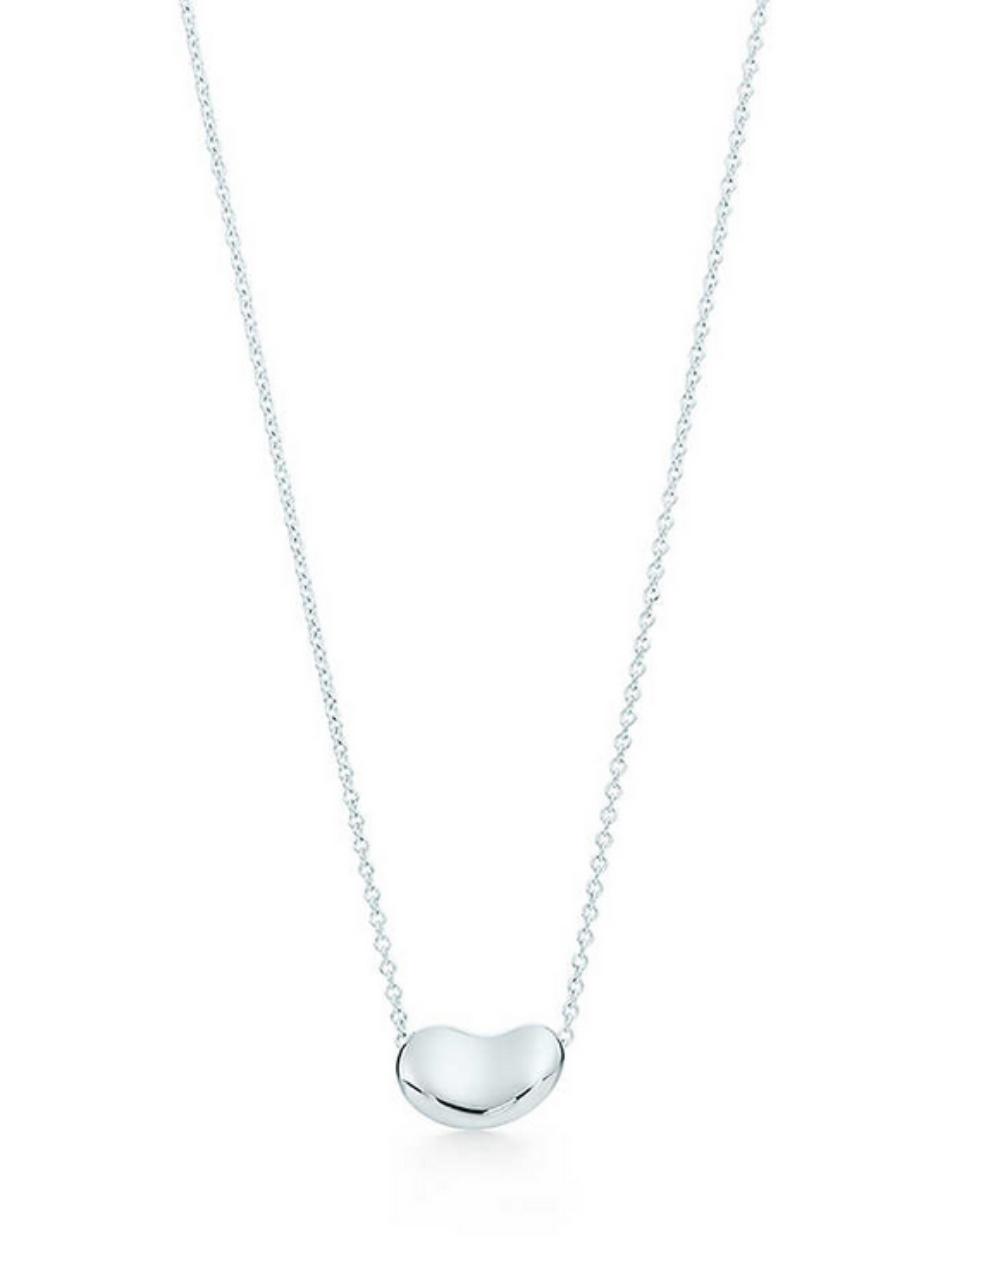 美國百分百【全新真品】Tiffany & Co. 項鍊 相思豆 純銀 925 bean ELSA PERETTI 紙袋 專櫃 保證正品